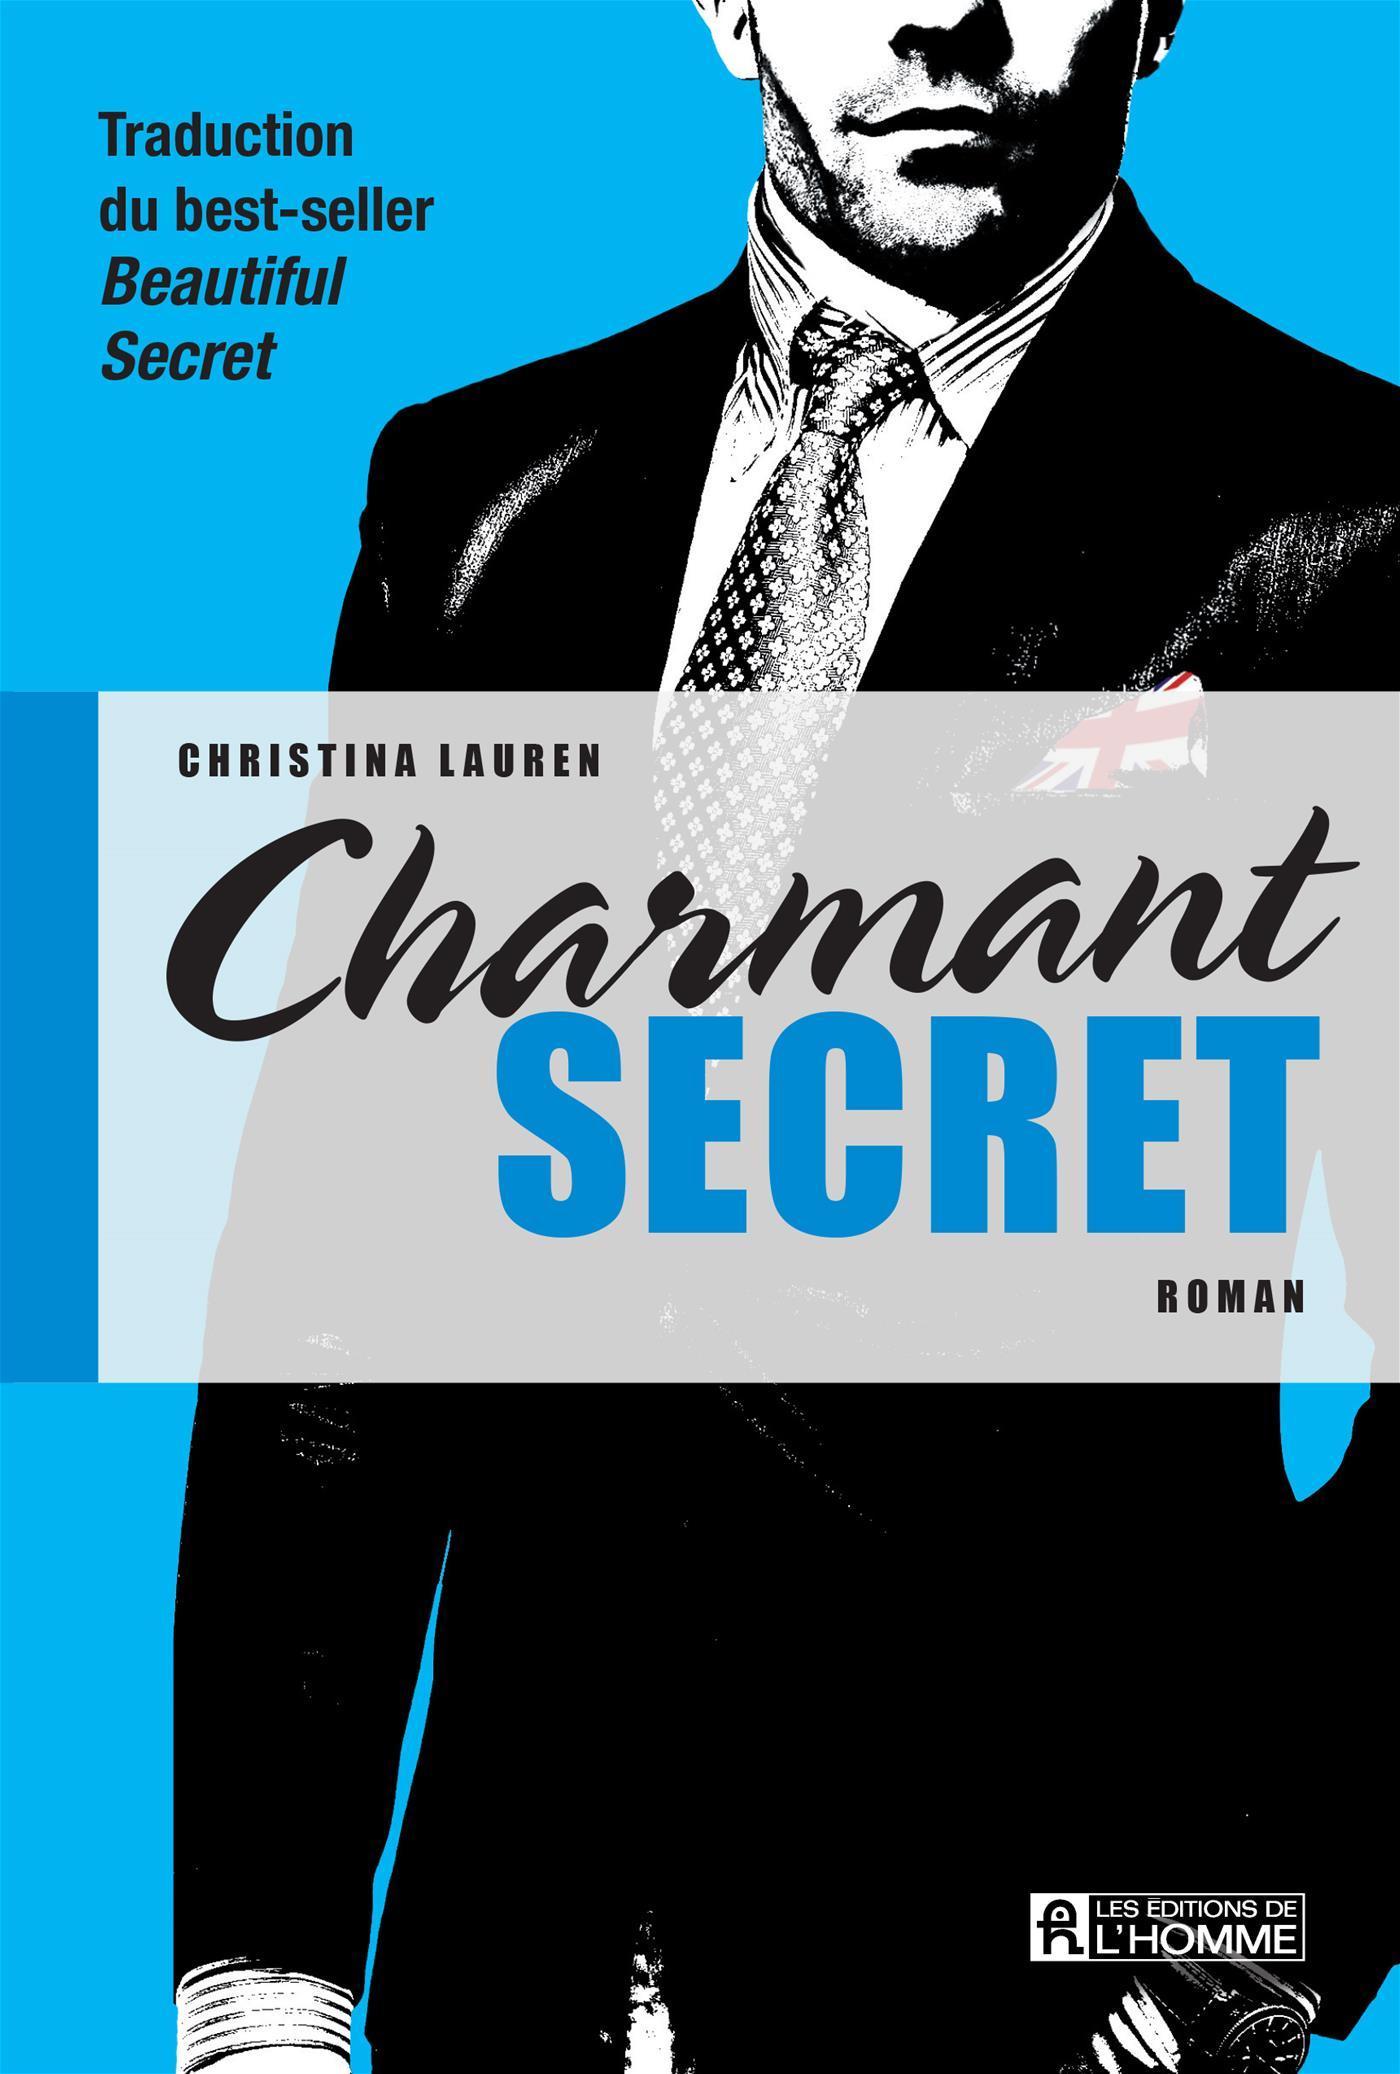 Charmant secret